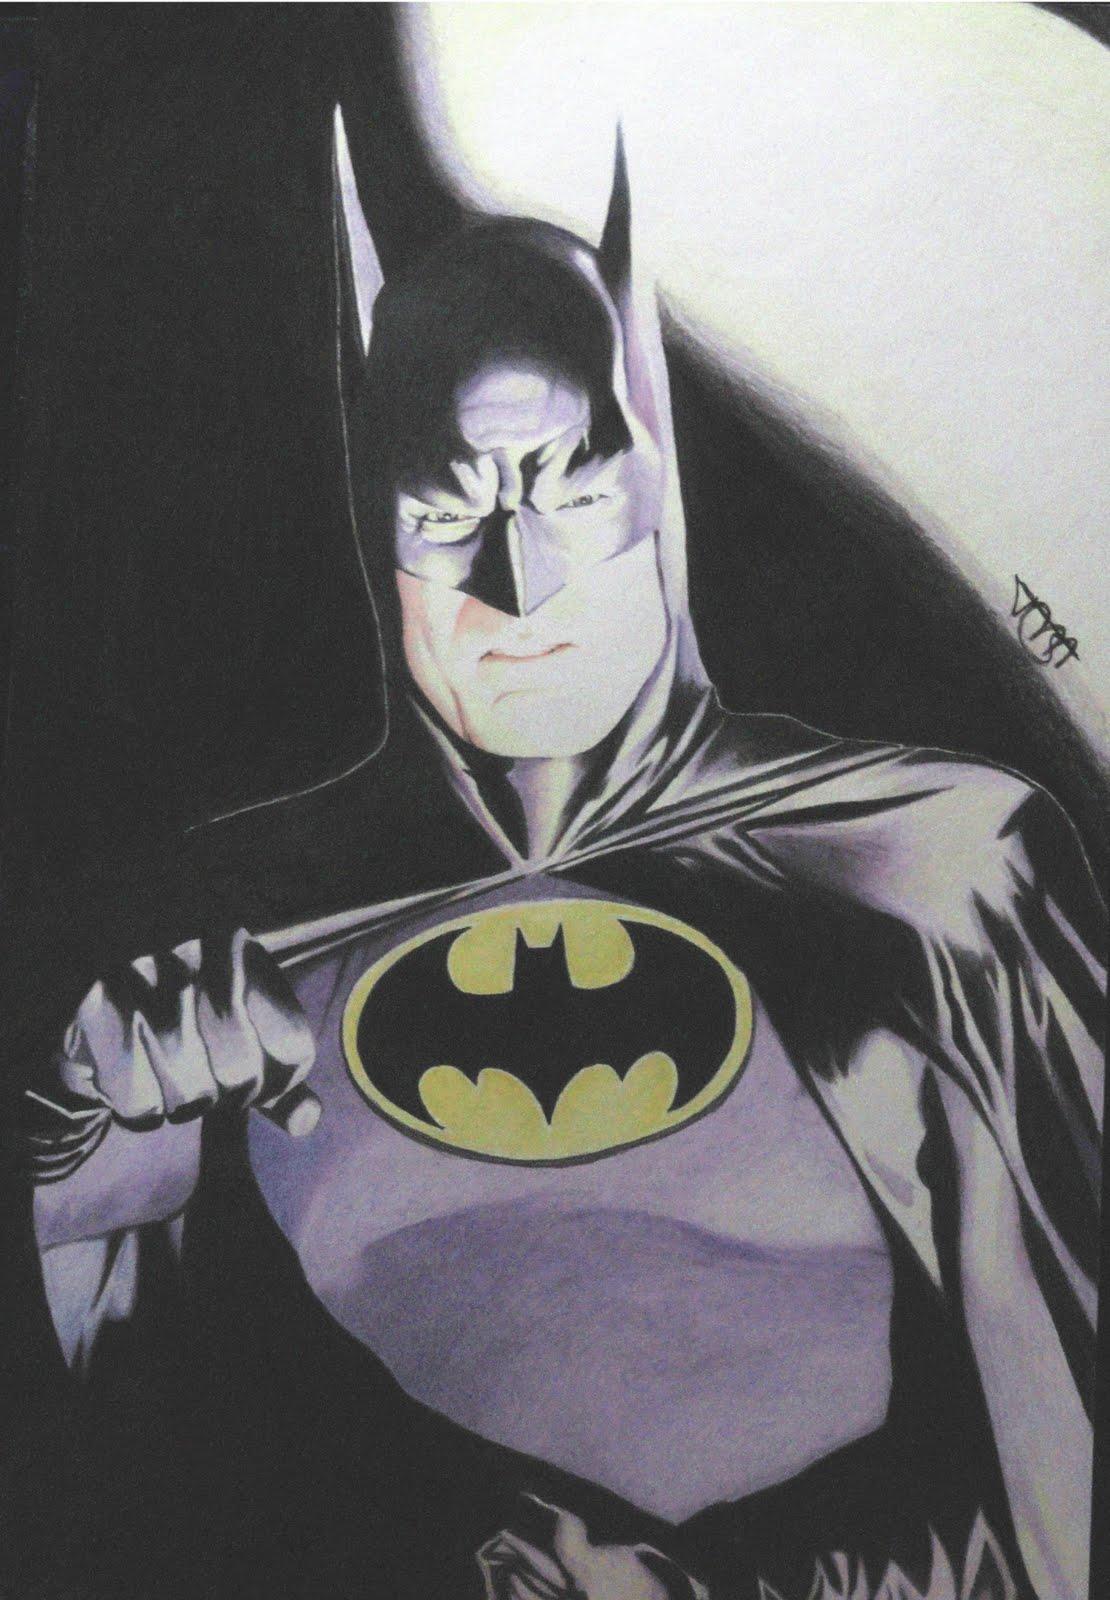 Alex ross batman images 2999 best Batman images on Pinterest Alex ross, Batman family